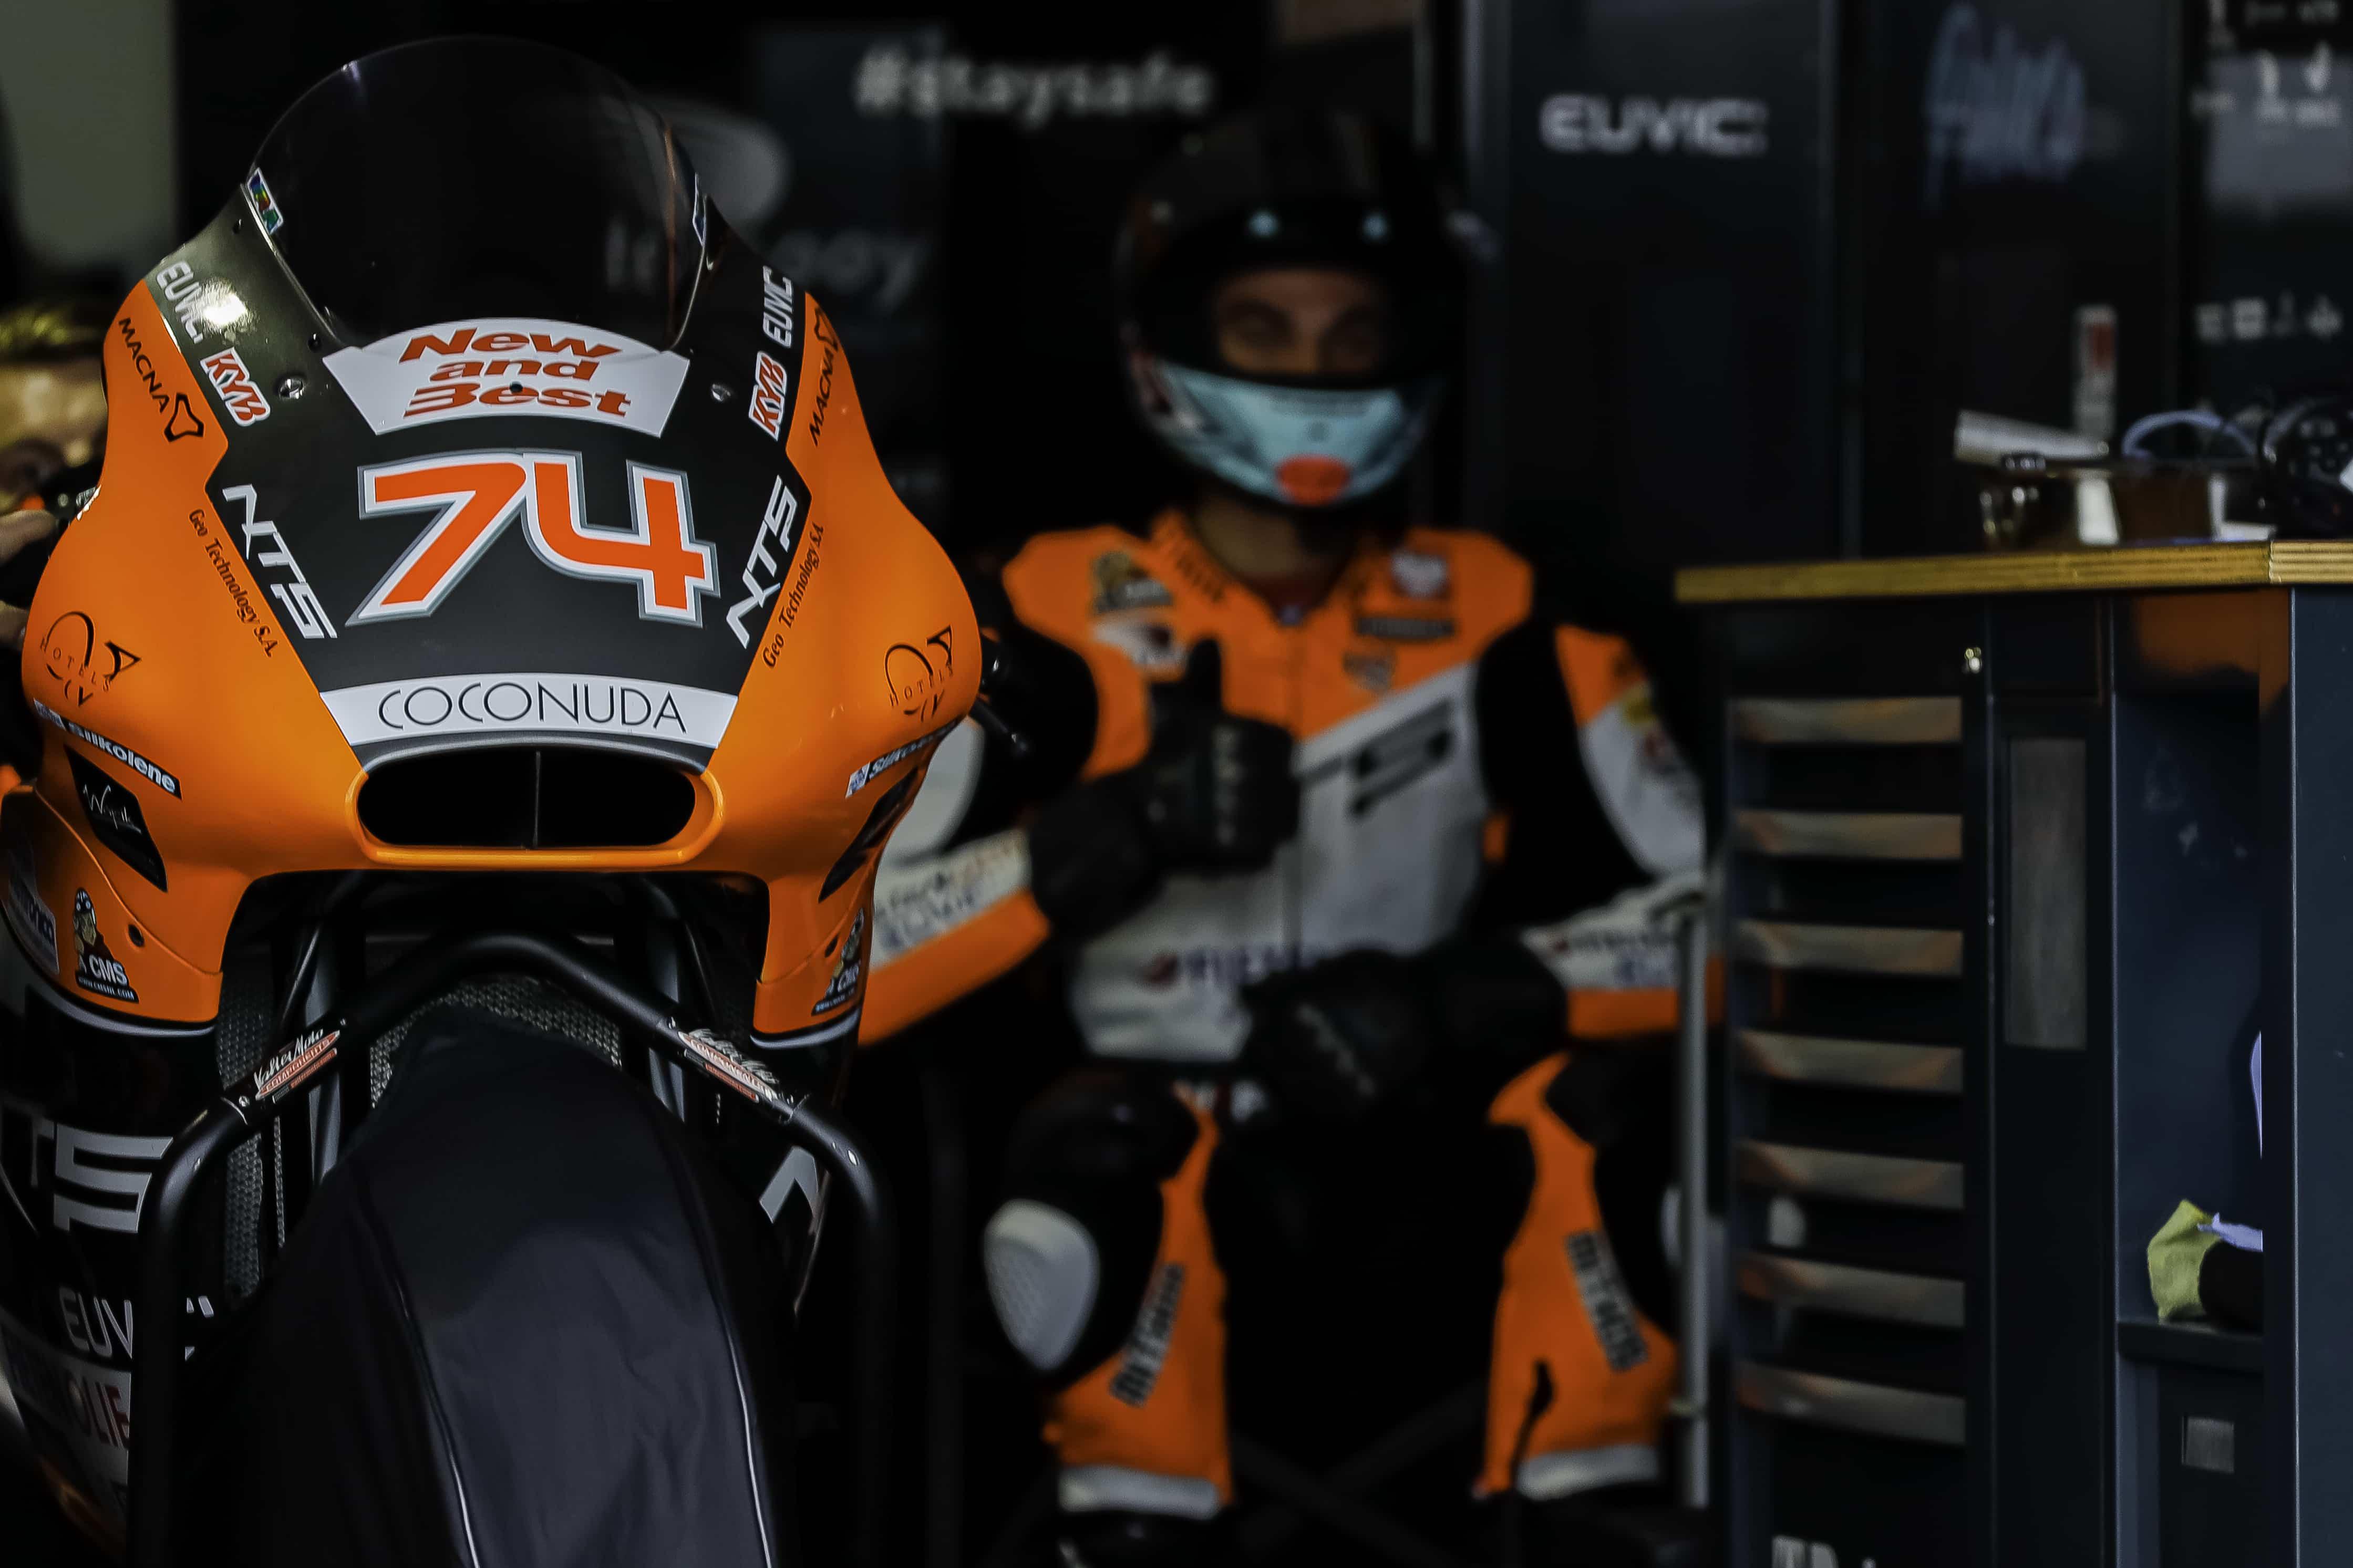 バレンシアGP NTS RW Racing GP 公式練習1、公式練習2レポート